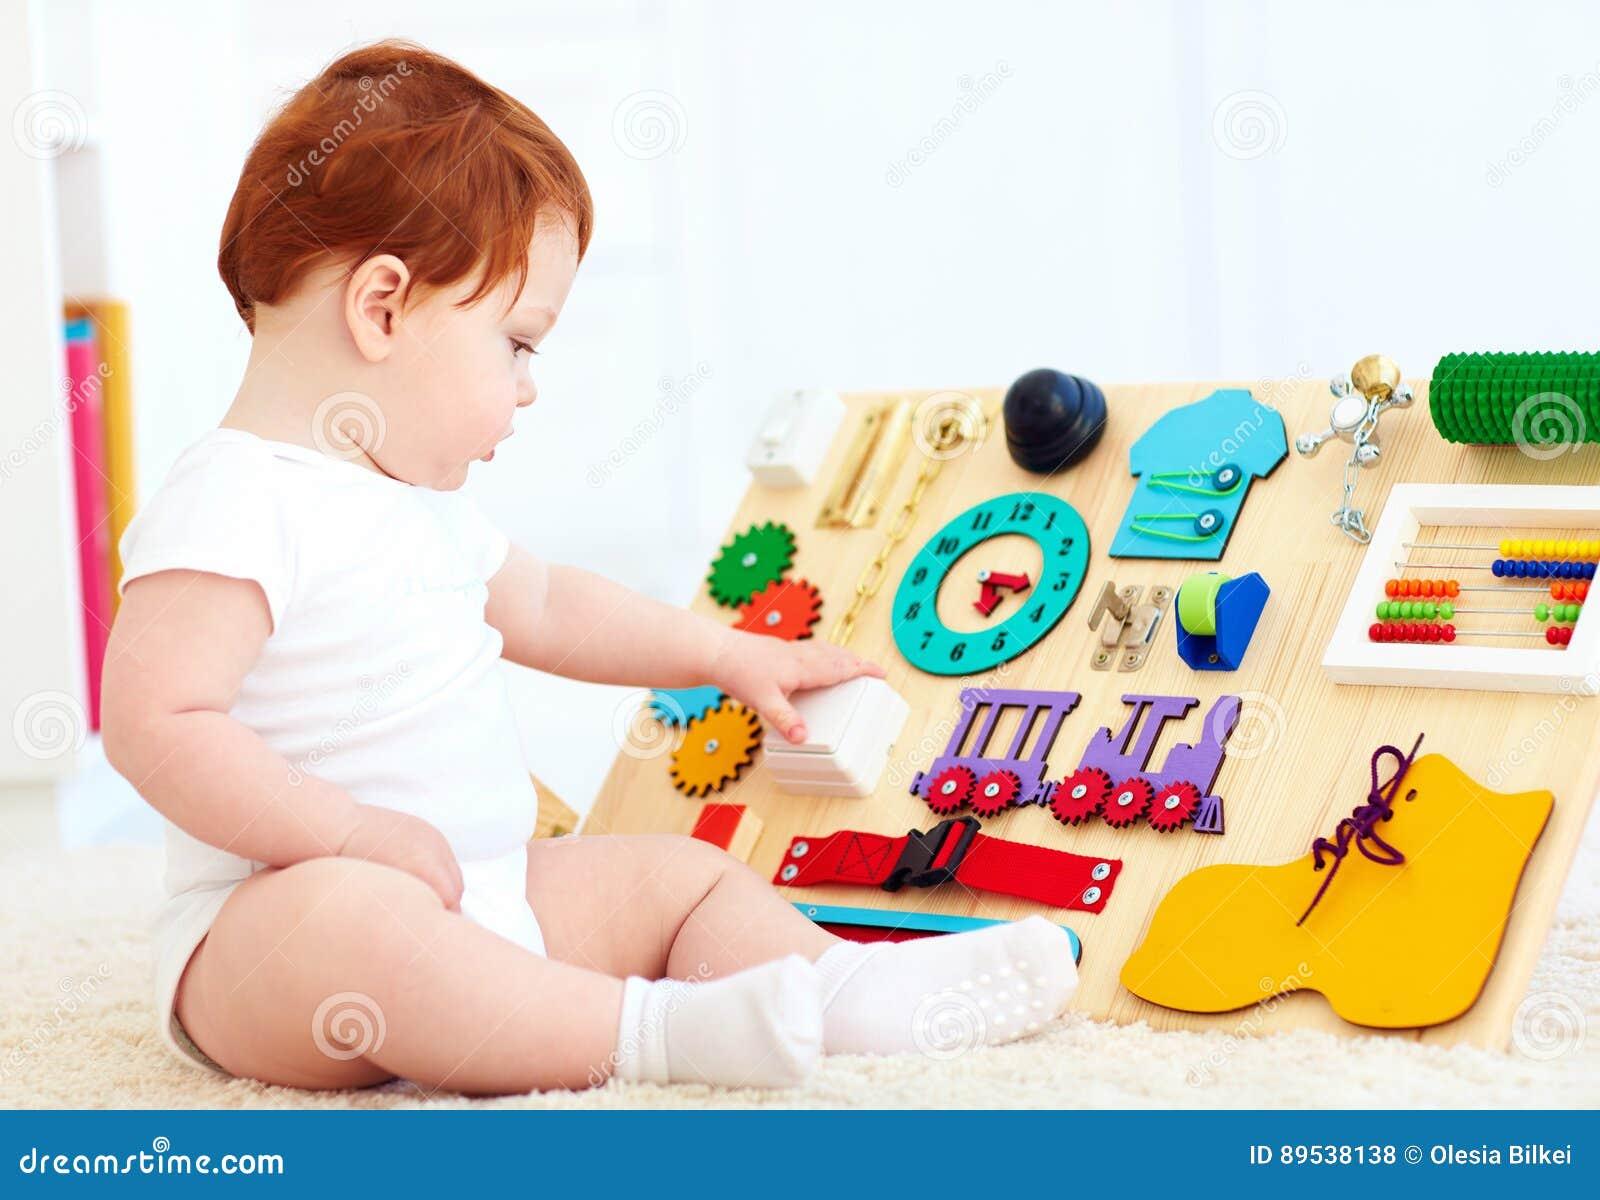 занятой ребенок смартфон в кредит онлайн